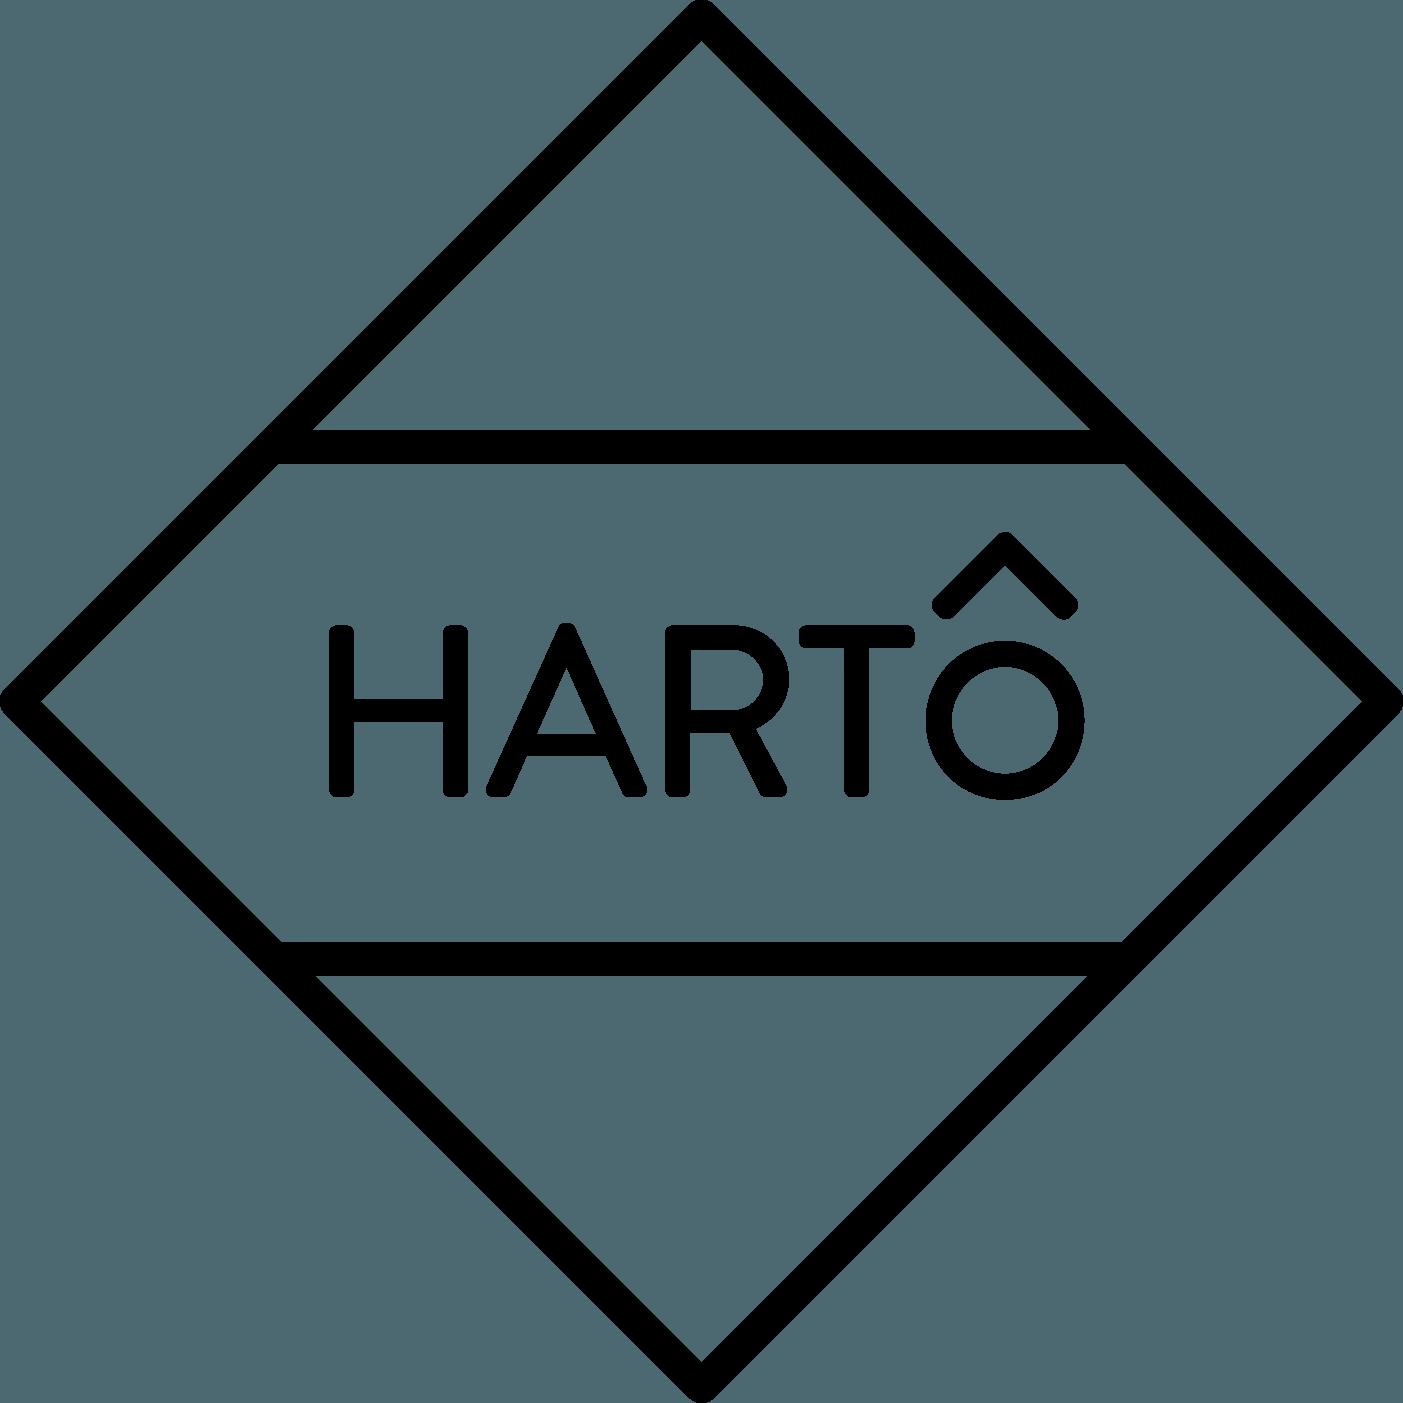 Hartô